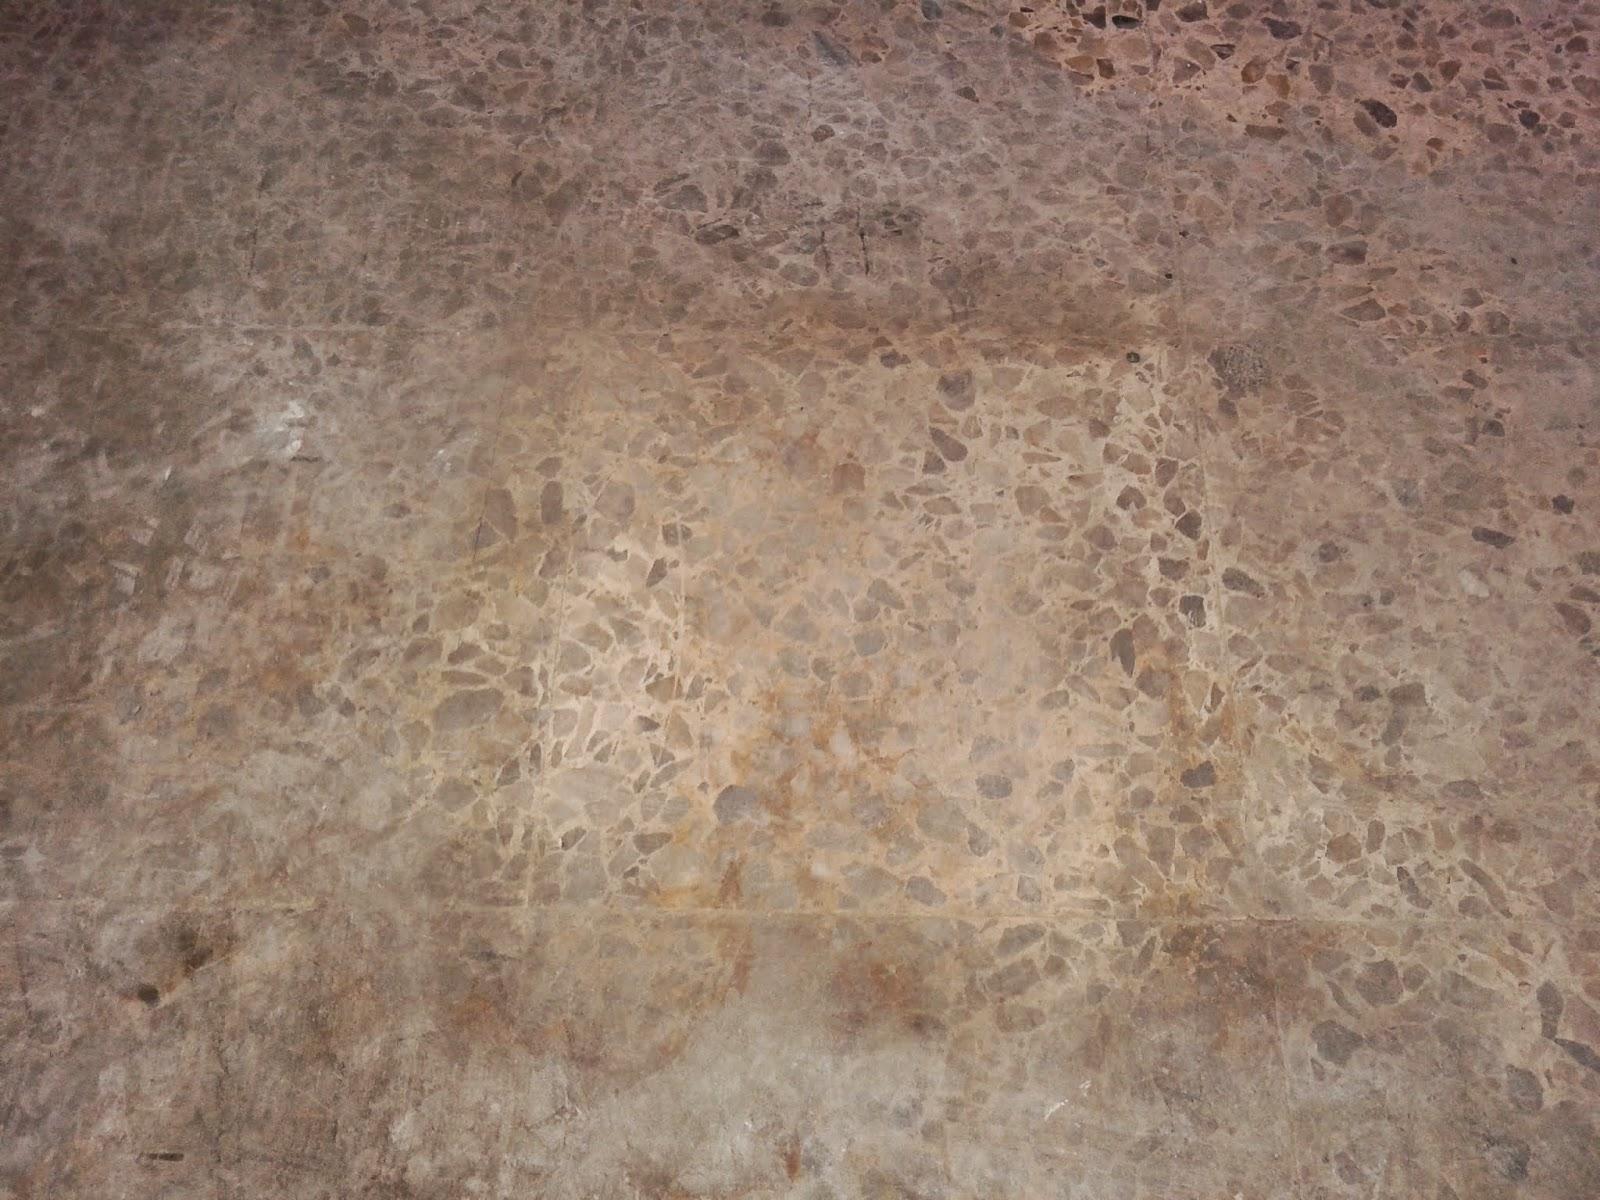 Suelo de terrazo estropeado un blog sobre bienes inmuebles for Como sacar manchas del marmol